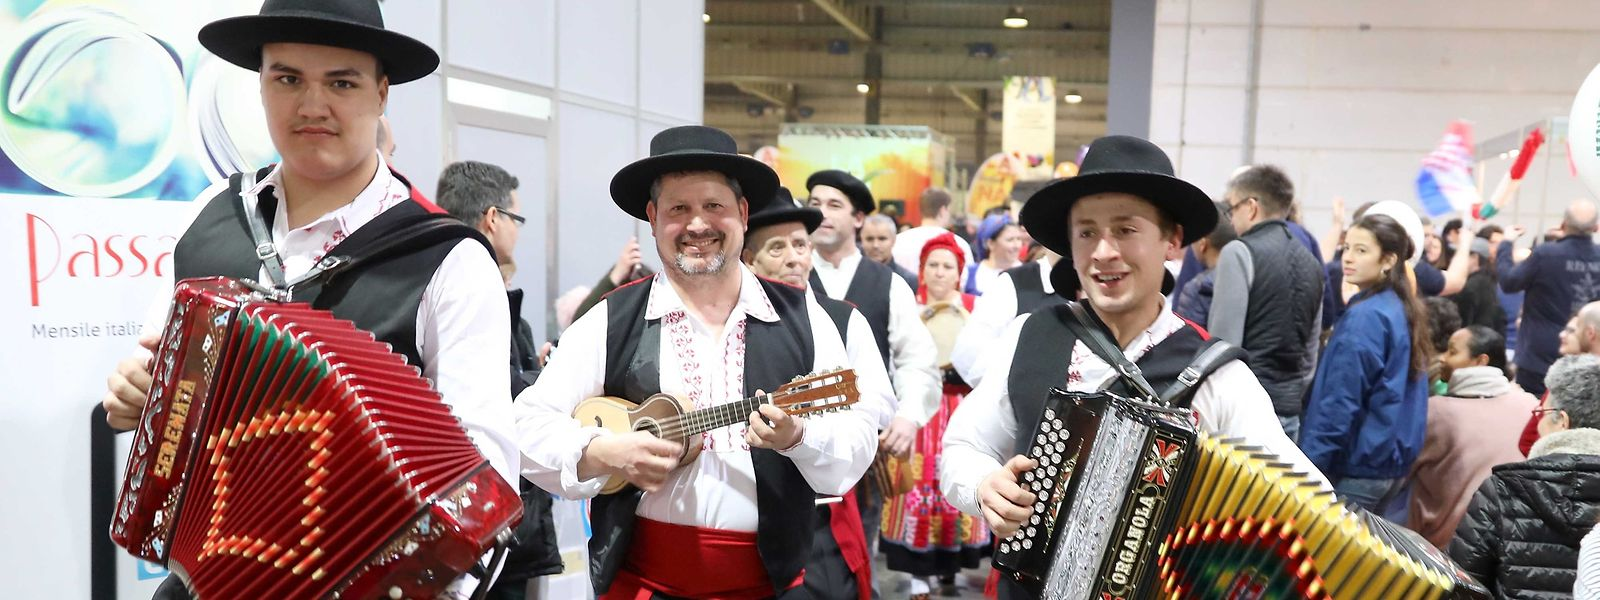 Die gesellschaftliche Vielfalt trägt zum Erfolg des Landes bei. Wie bunt Luxemburg sein kann, zeigt sich jedes Jahr beim Festival des migrations.